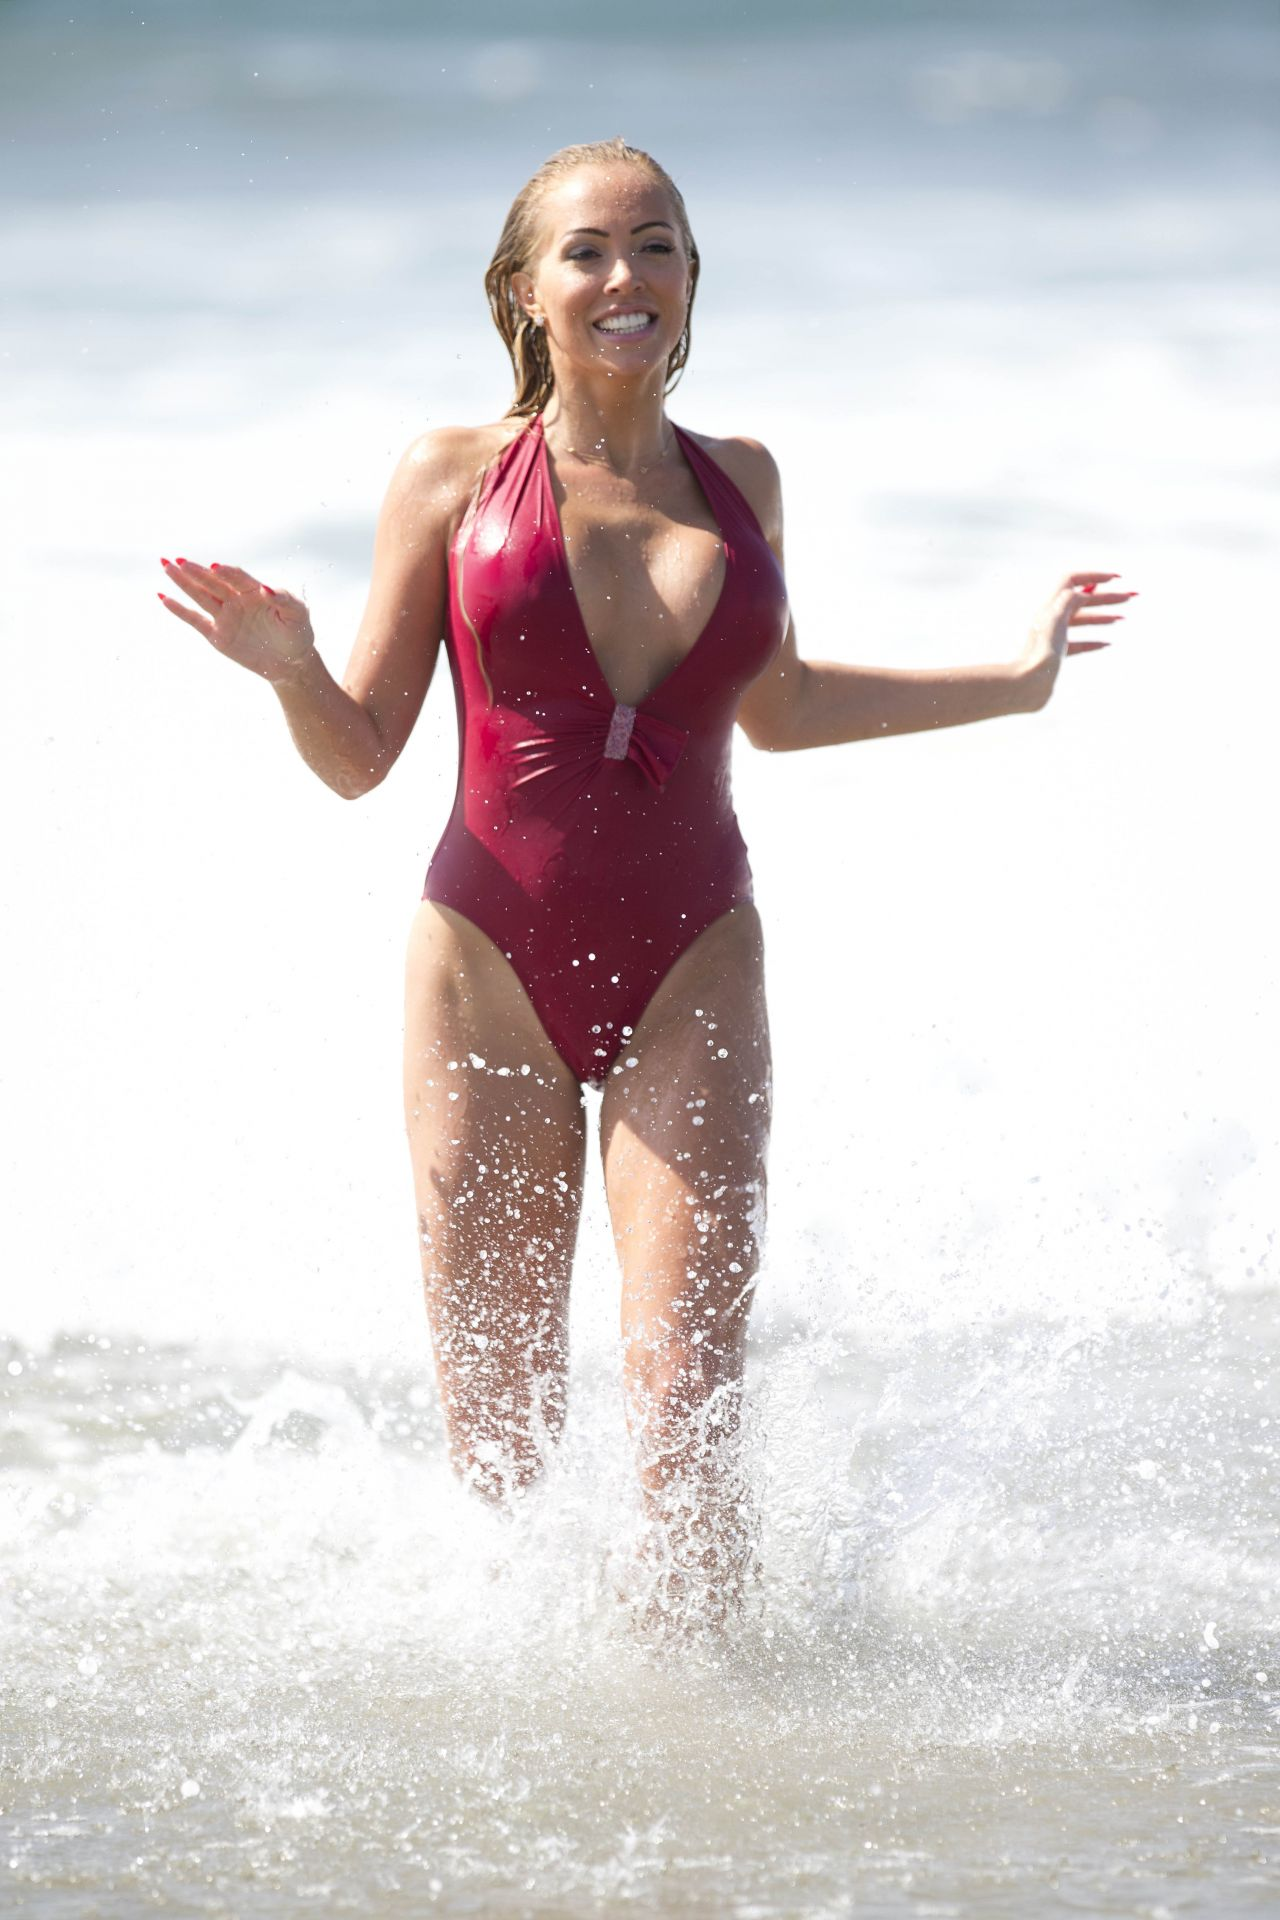 Aisleyne Horgan-Wallace in Bikini